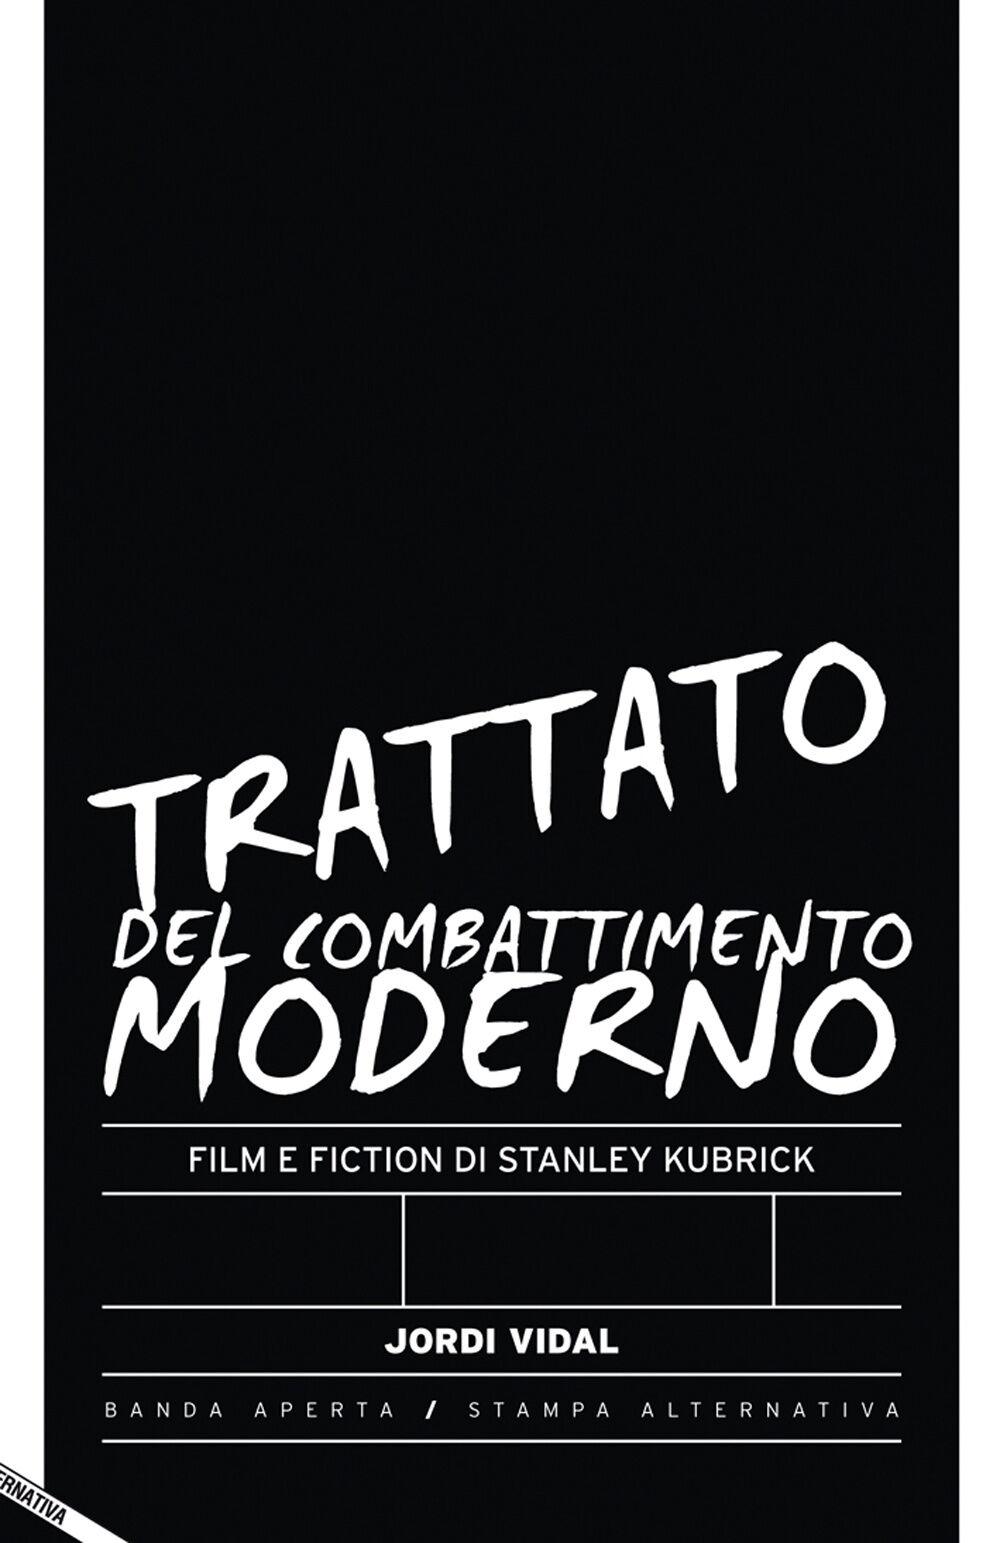 Trattato del combattimento moderno. Film e fiction di Stanley Kubrick